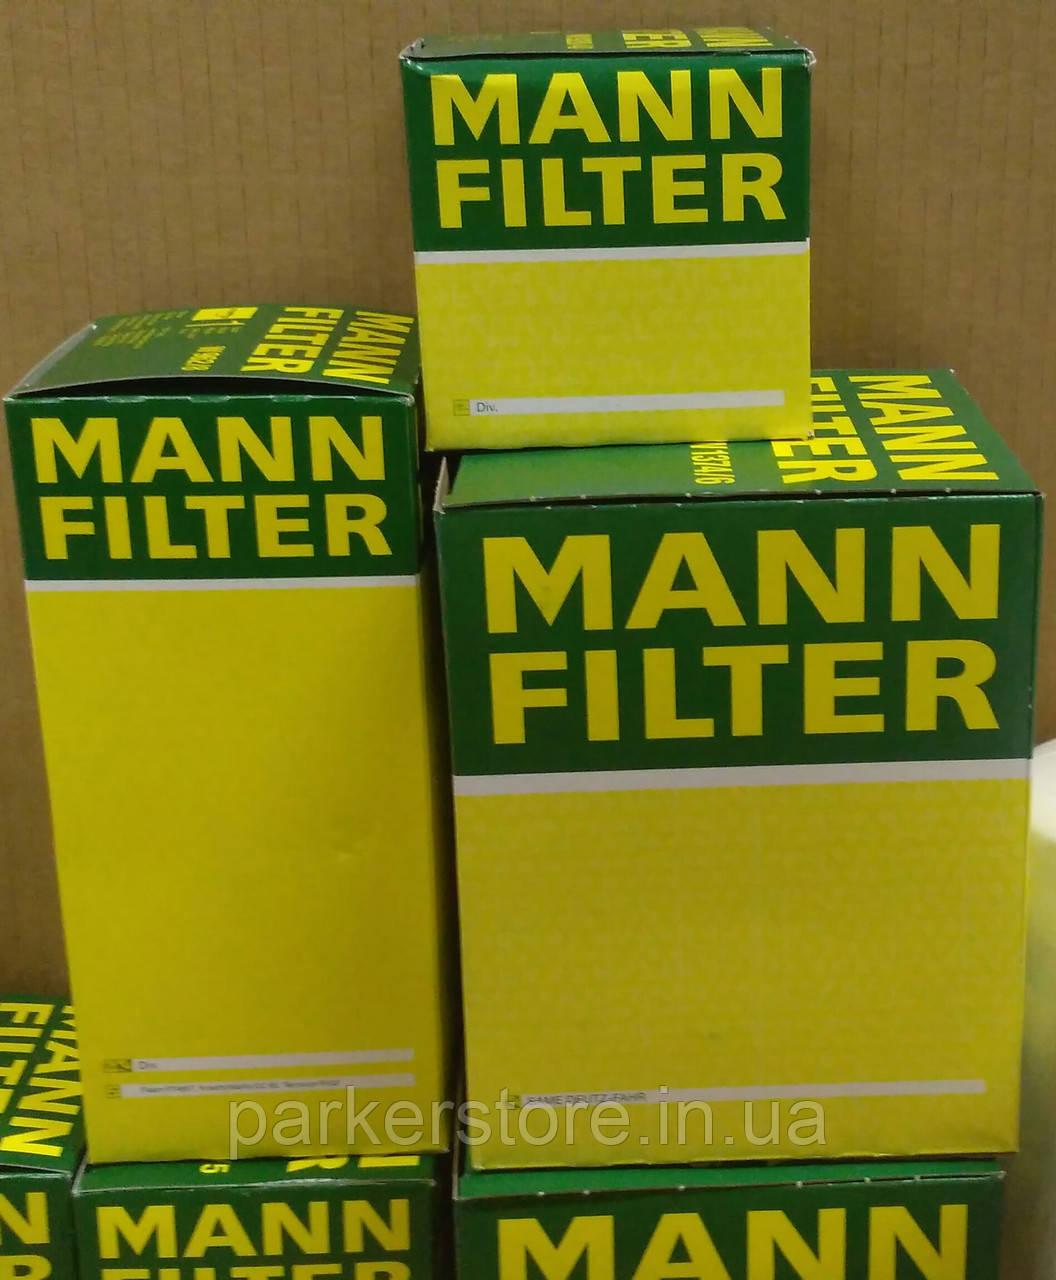 MANN FILTER / Повітряний фільтр / C 24 650 / C24650